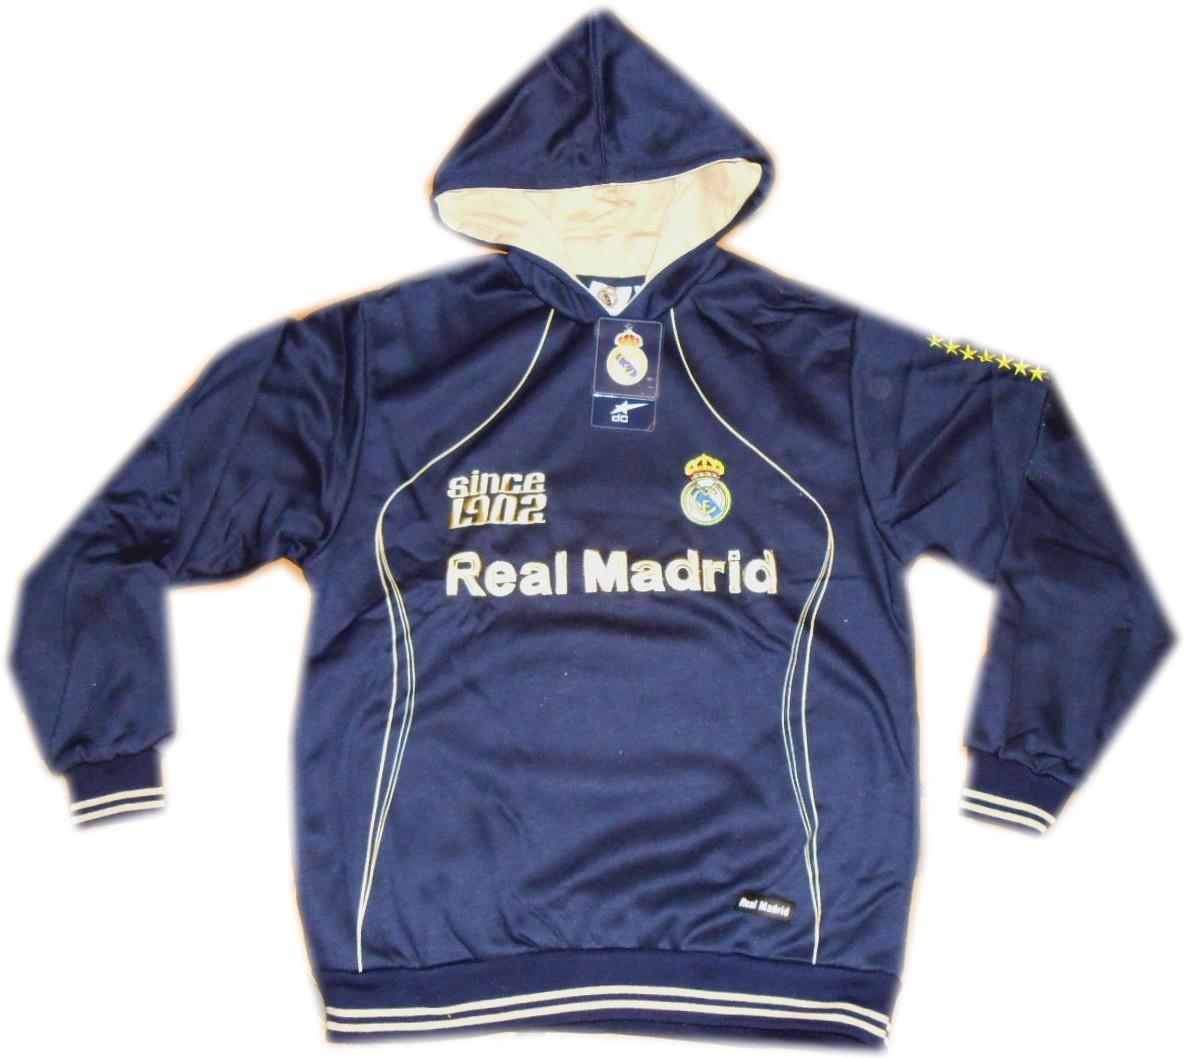 4772e8bf27c01 Sudadera Real Madrid adulto azul dorado - comprar real madrid tienda  productos